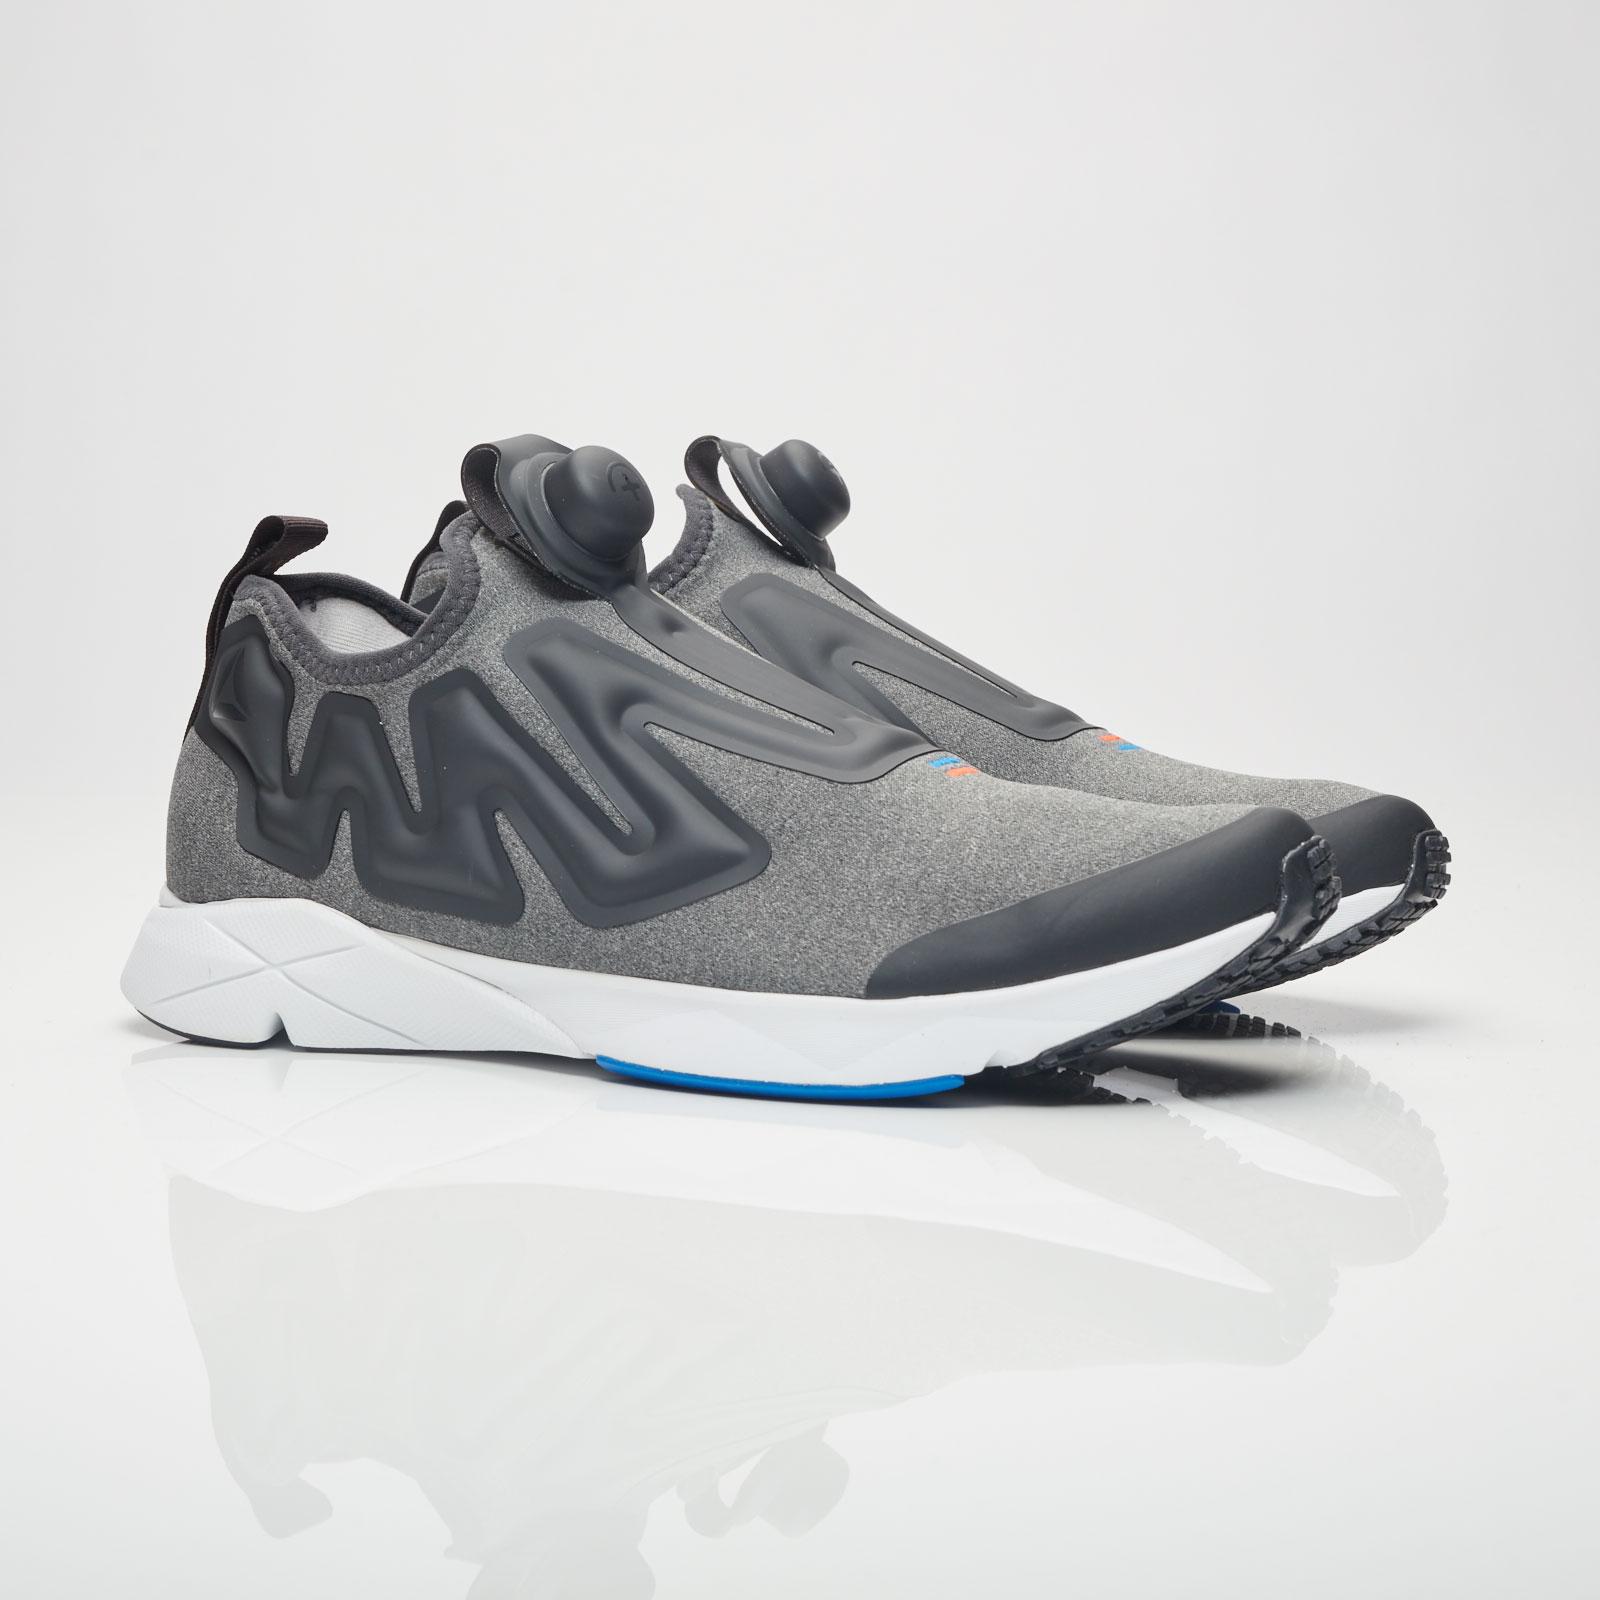 a0dc2050dcb Reebok Pump Plus Supreme Hoodie - Bs7044 - Sneakersnstuff